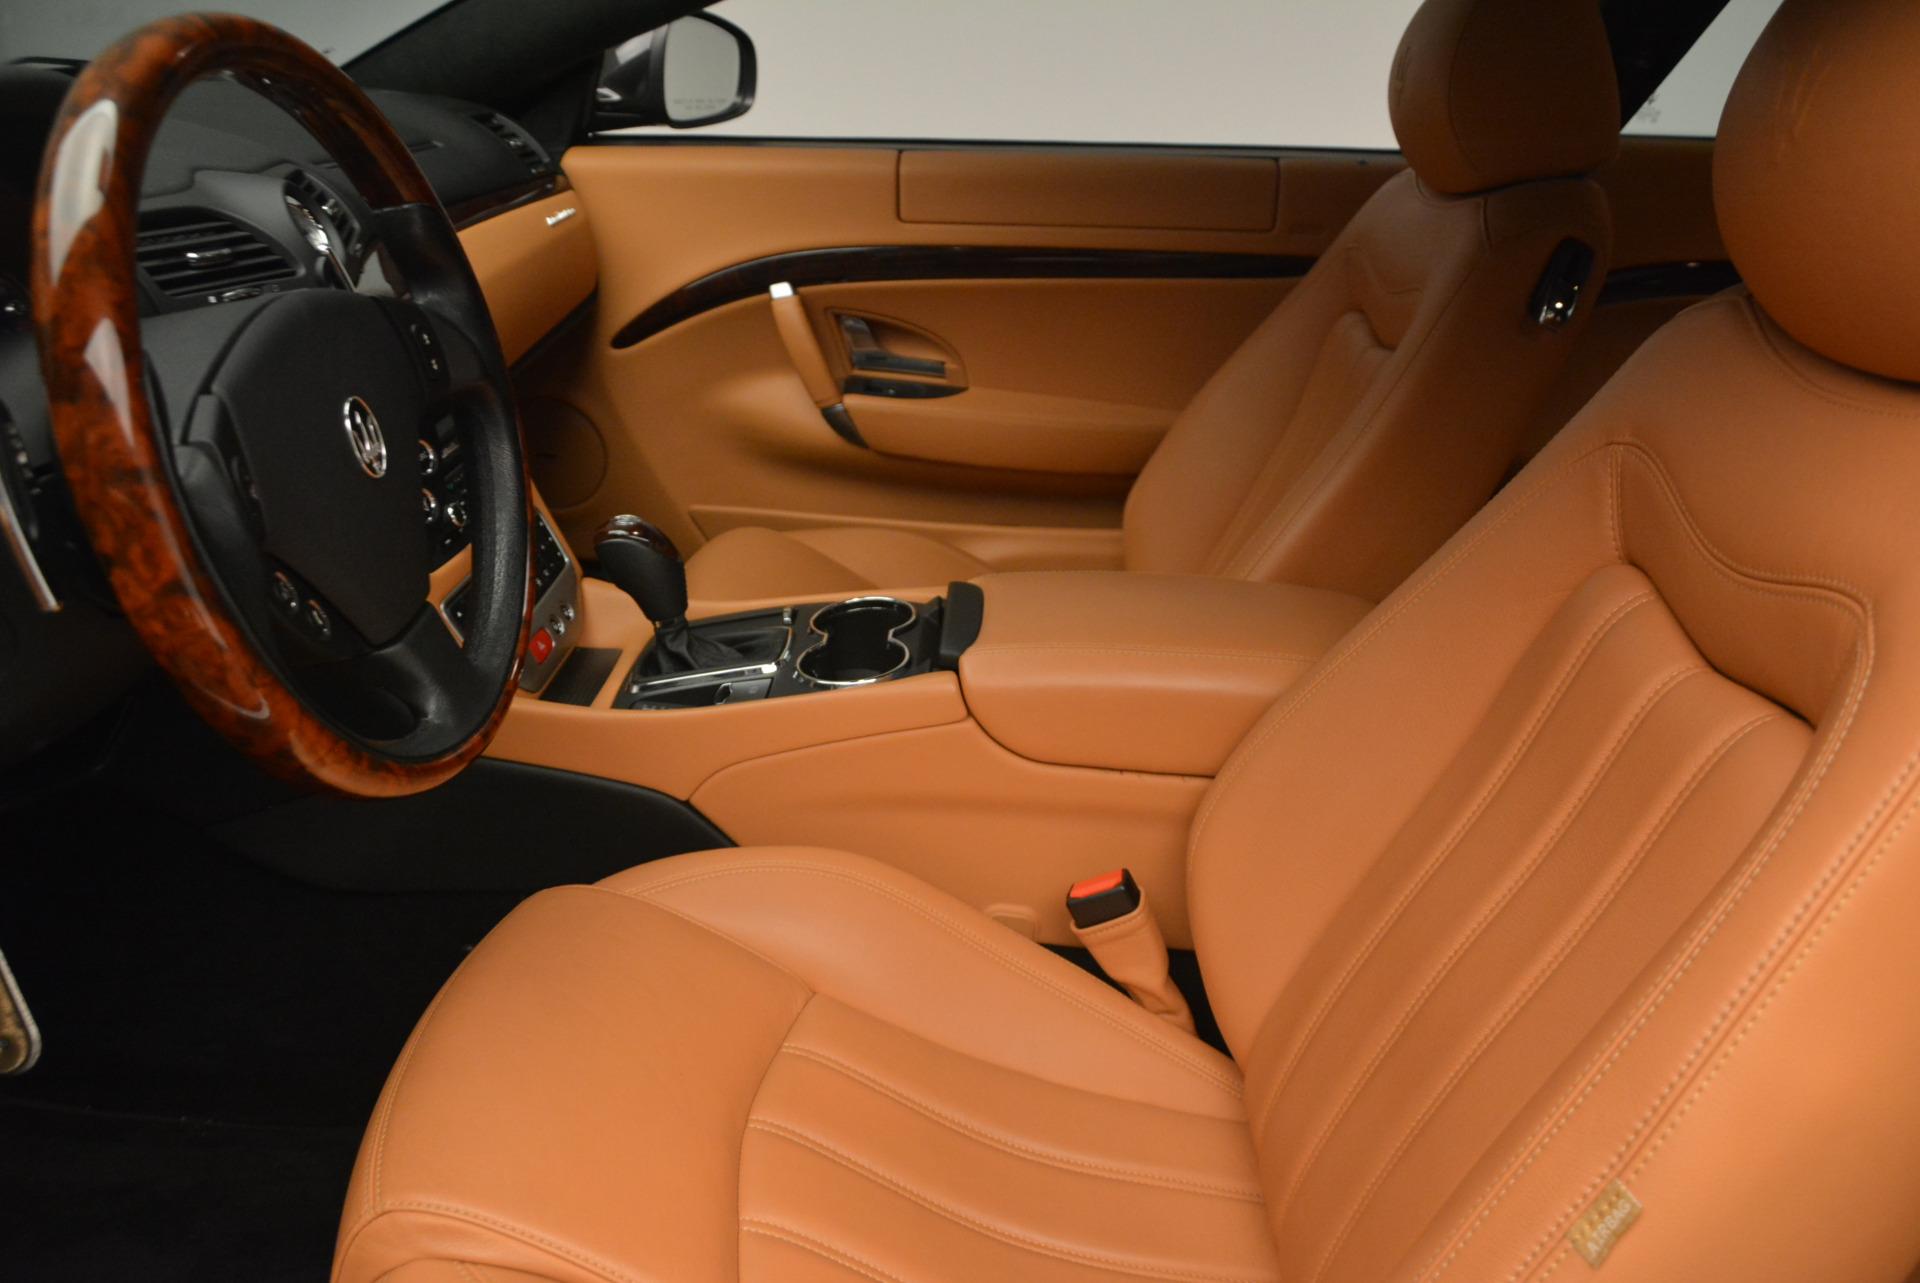 Used 2011 Maserati GranTurismo  For Sale In Greenwich, CT. Alfa Romeo of Greenwich, 7128 816_p14